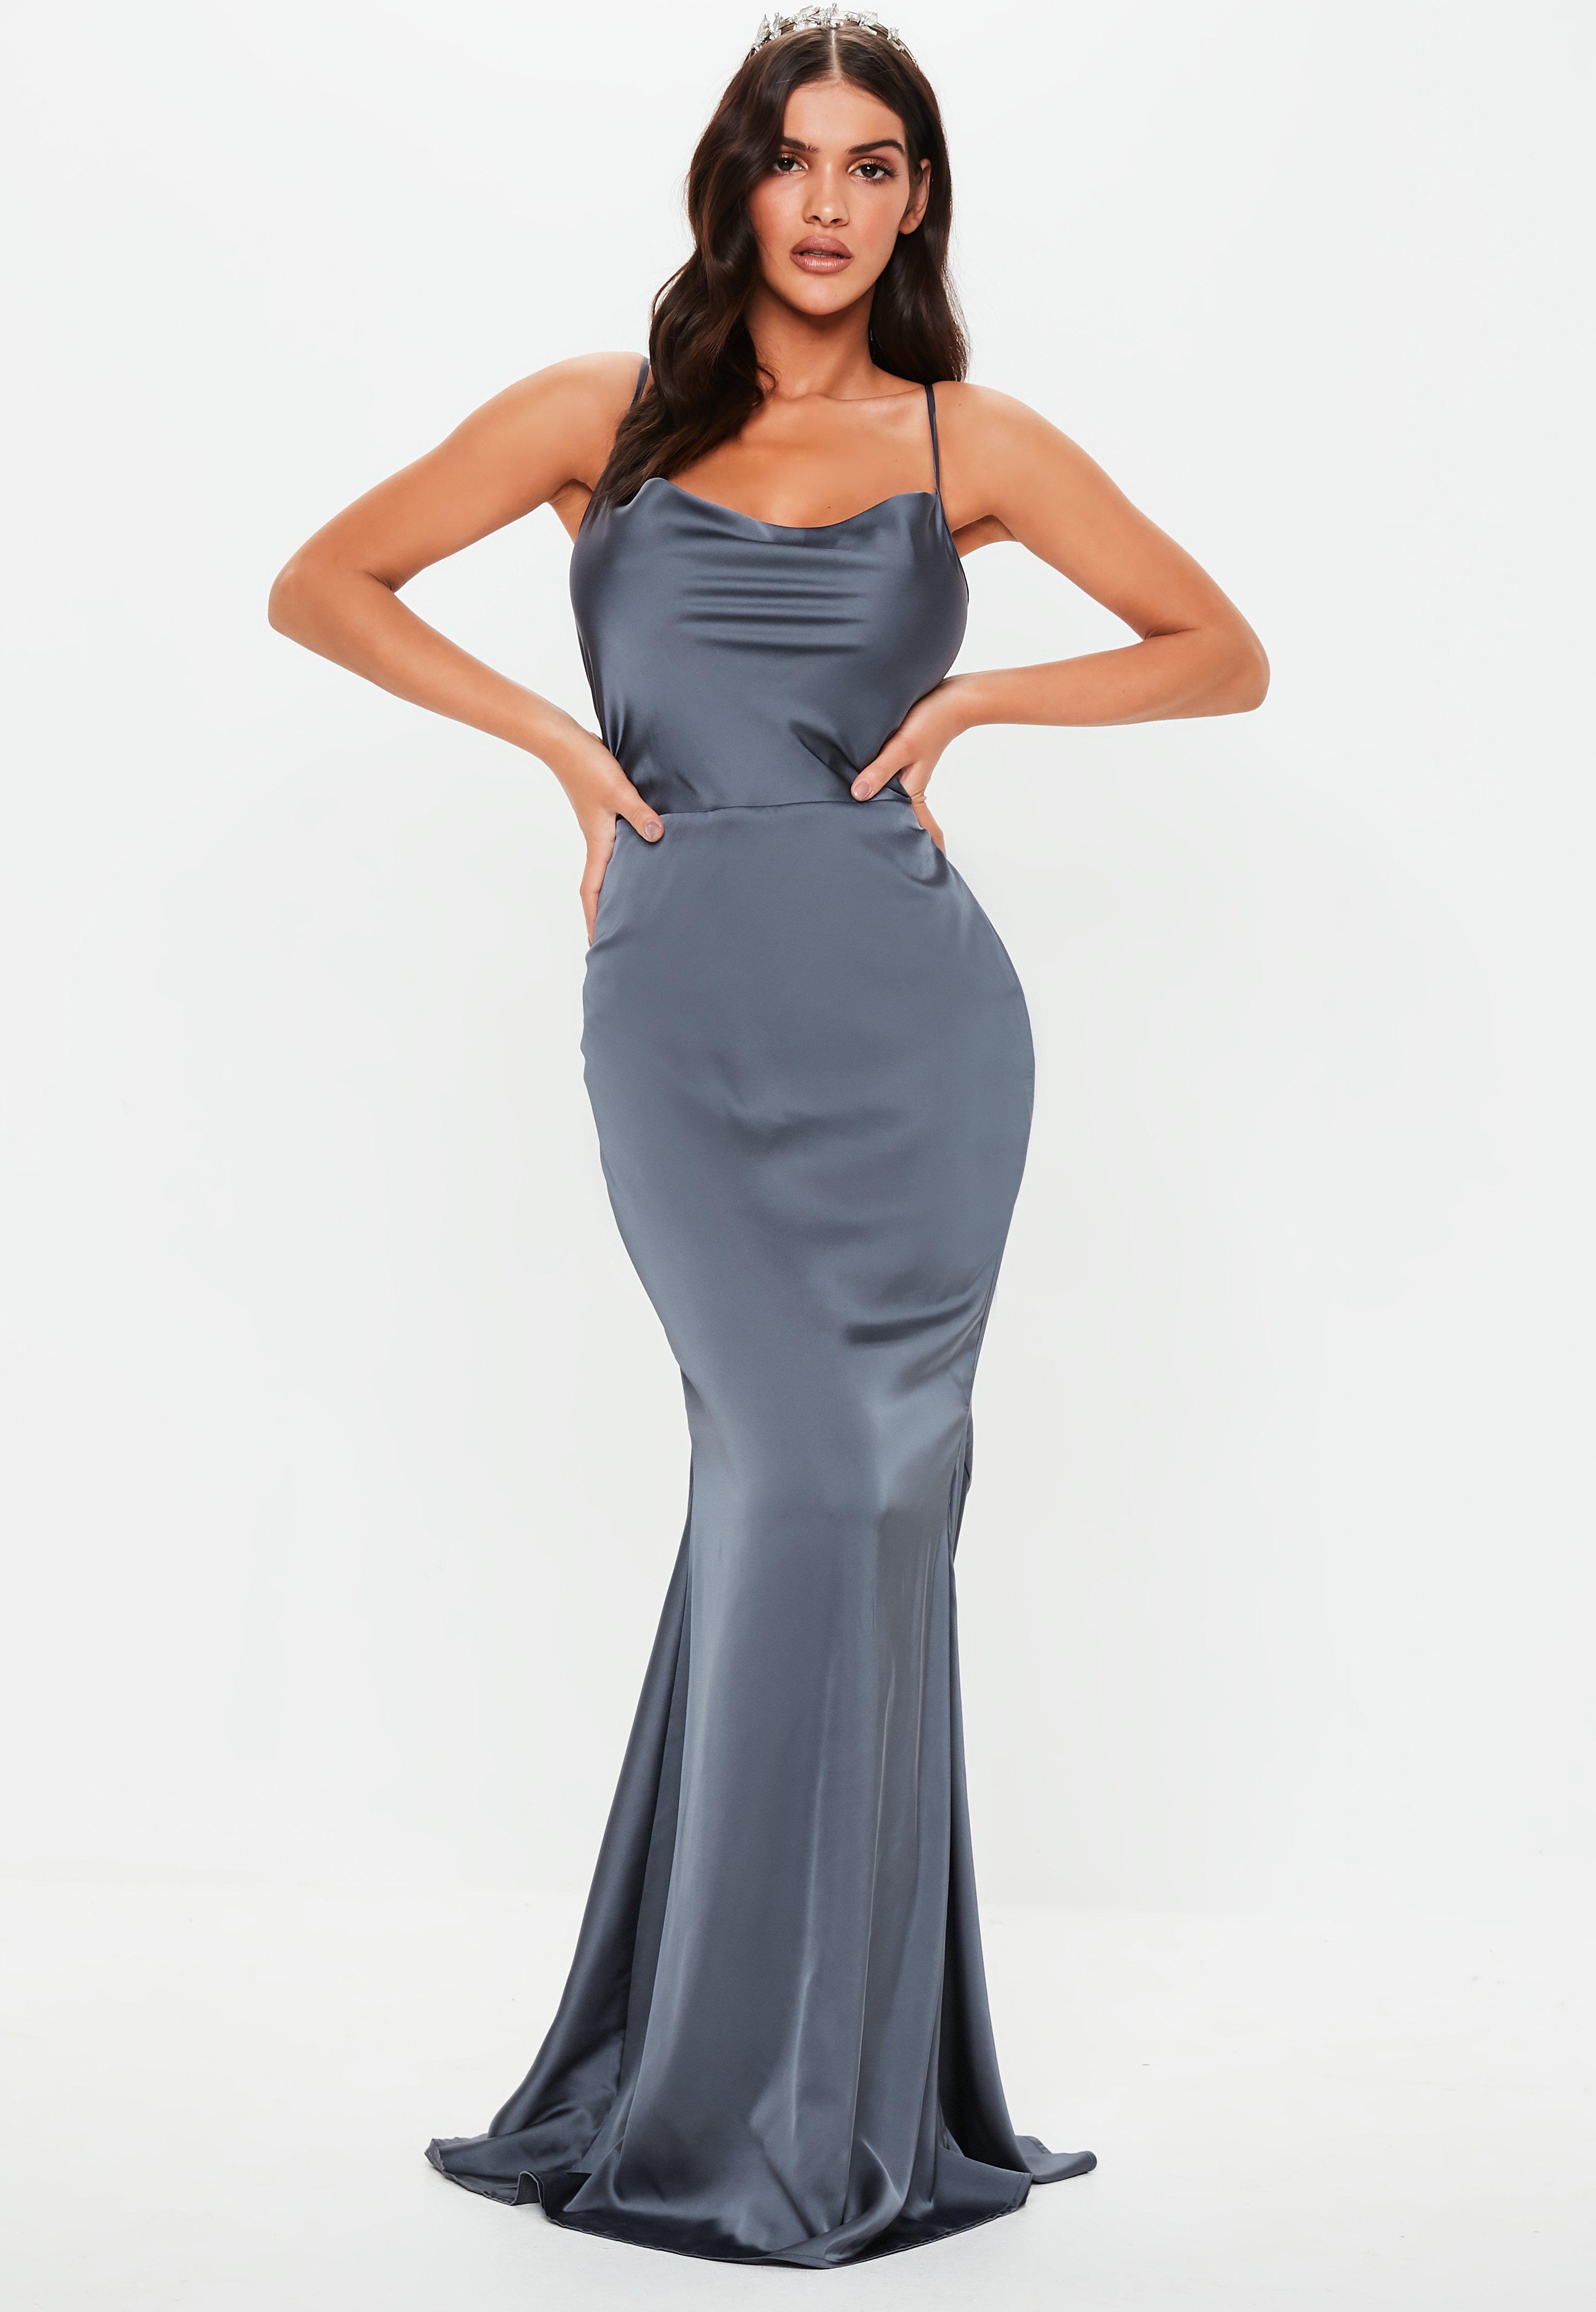 07d5d61f7d0 Bridesmaid Dresses